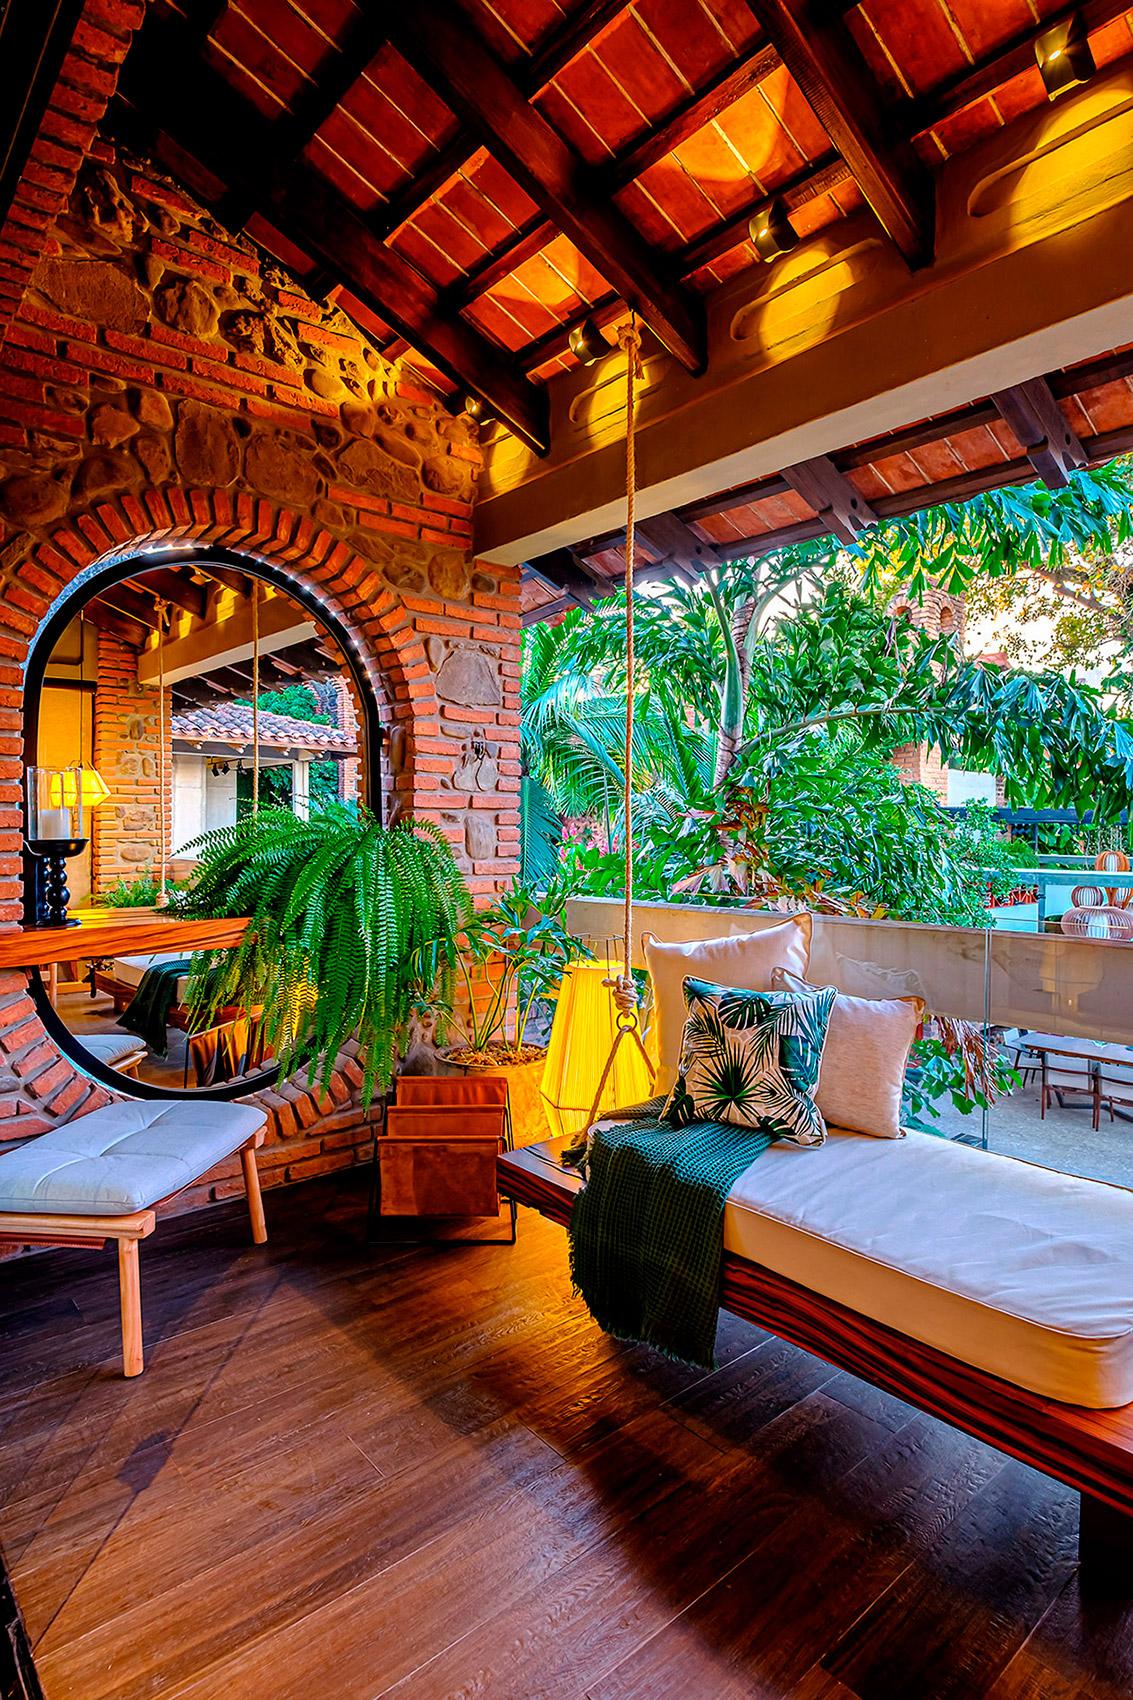 casacor bolivia decor decoração arquitetura 2021 mostras tukabash suite principal ivan lengstorff renato trujillo quarto